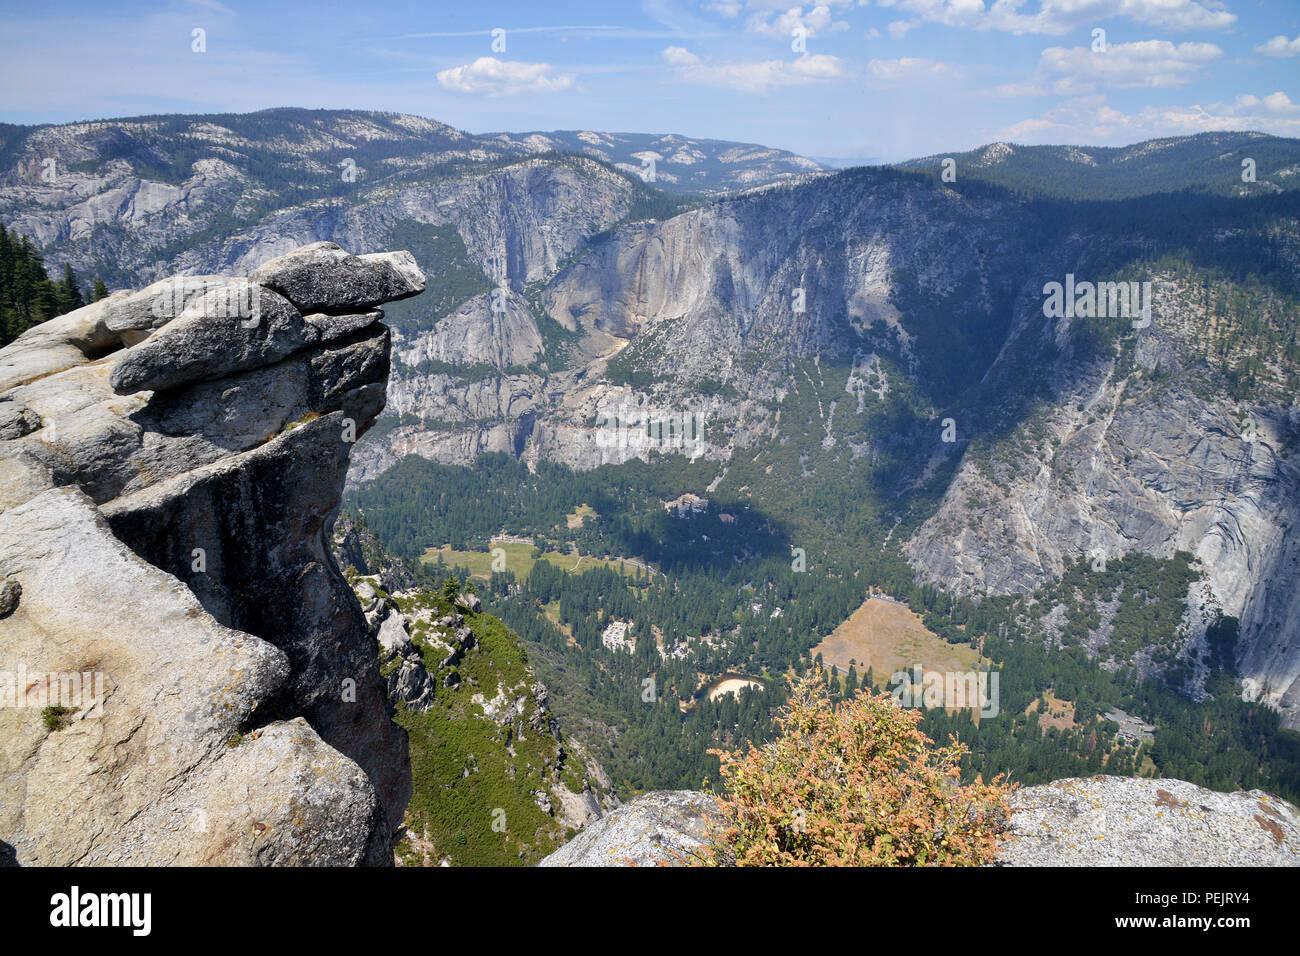 Mirador al valle de Yosemite, el Parque Nacional Yosemite, California, EE.UU. Imagen De Stock